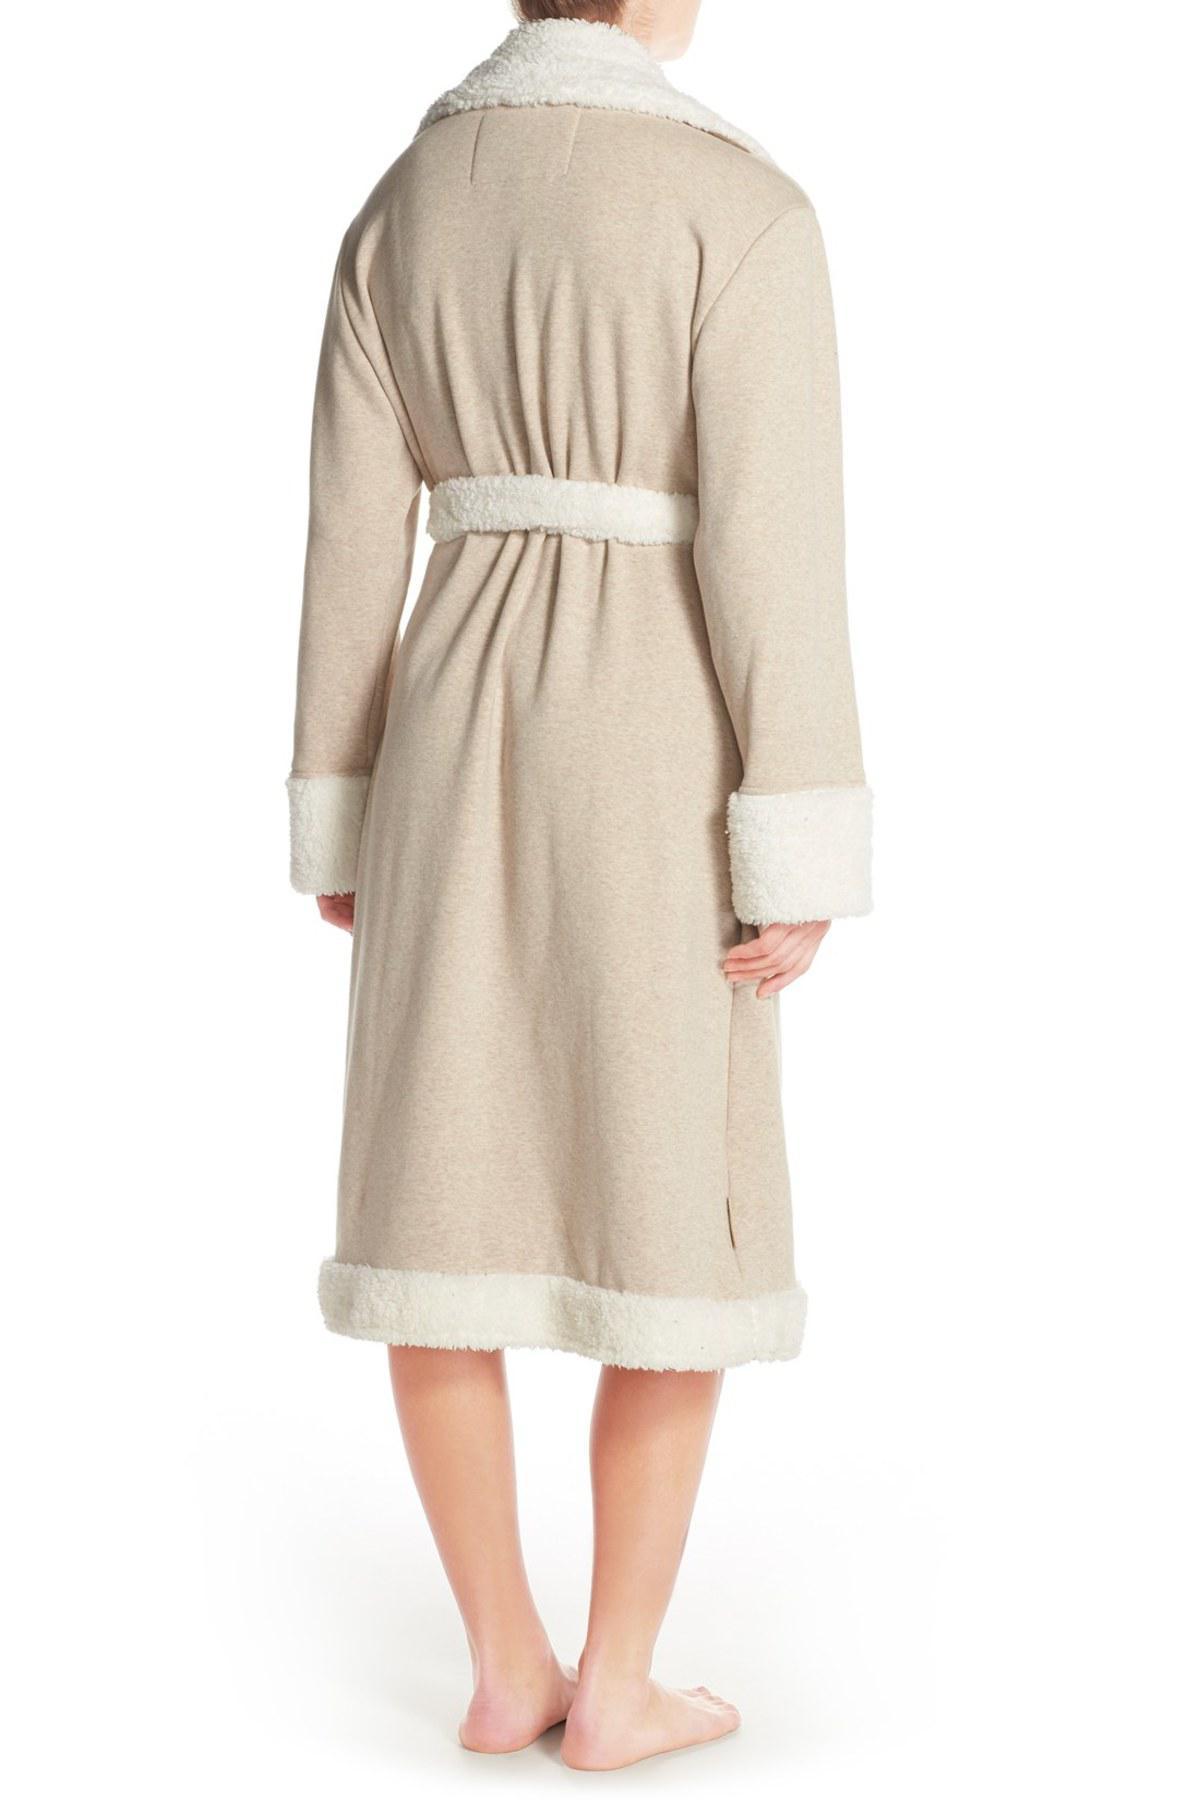 Lyst - Ugg Duffield Deluxe Fleece Robe in Blue b99634269